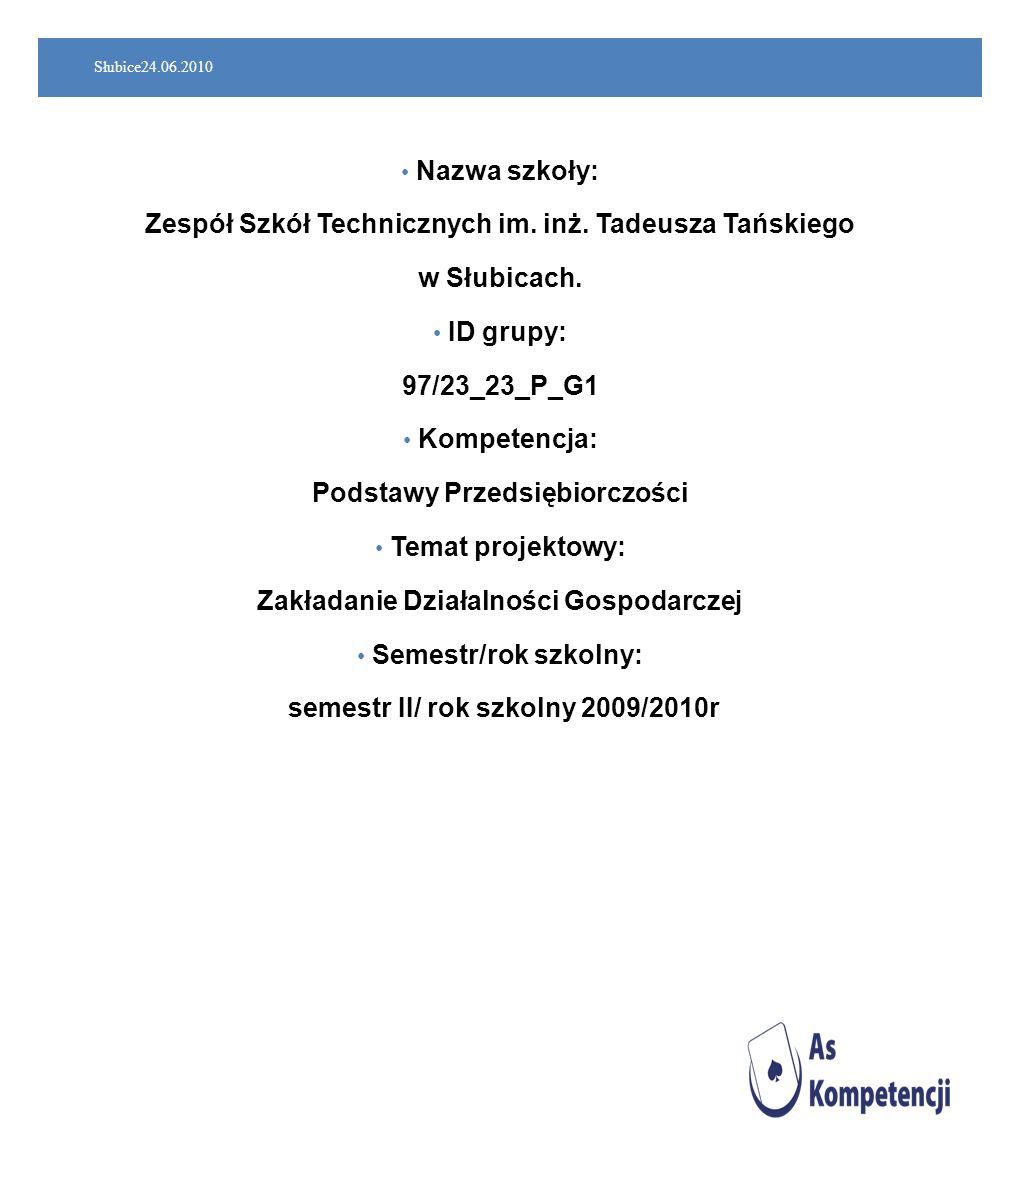 Zespół Szkół Technicznych im. inż. Tadeusza Tańskiego w Słubicach.